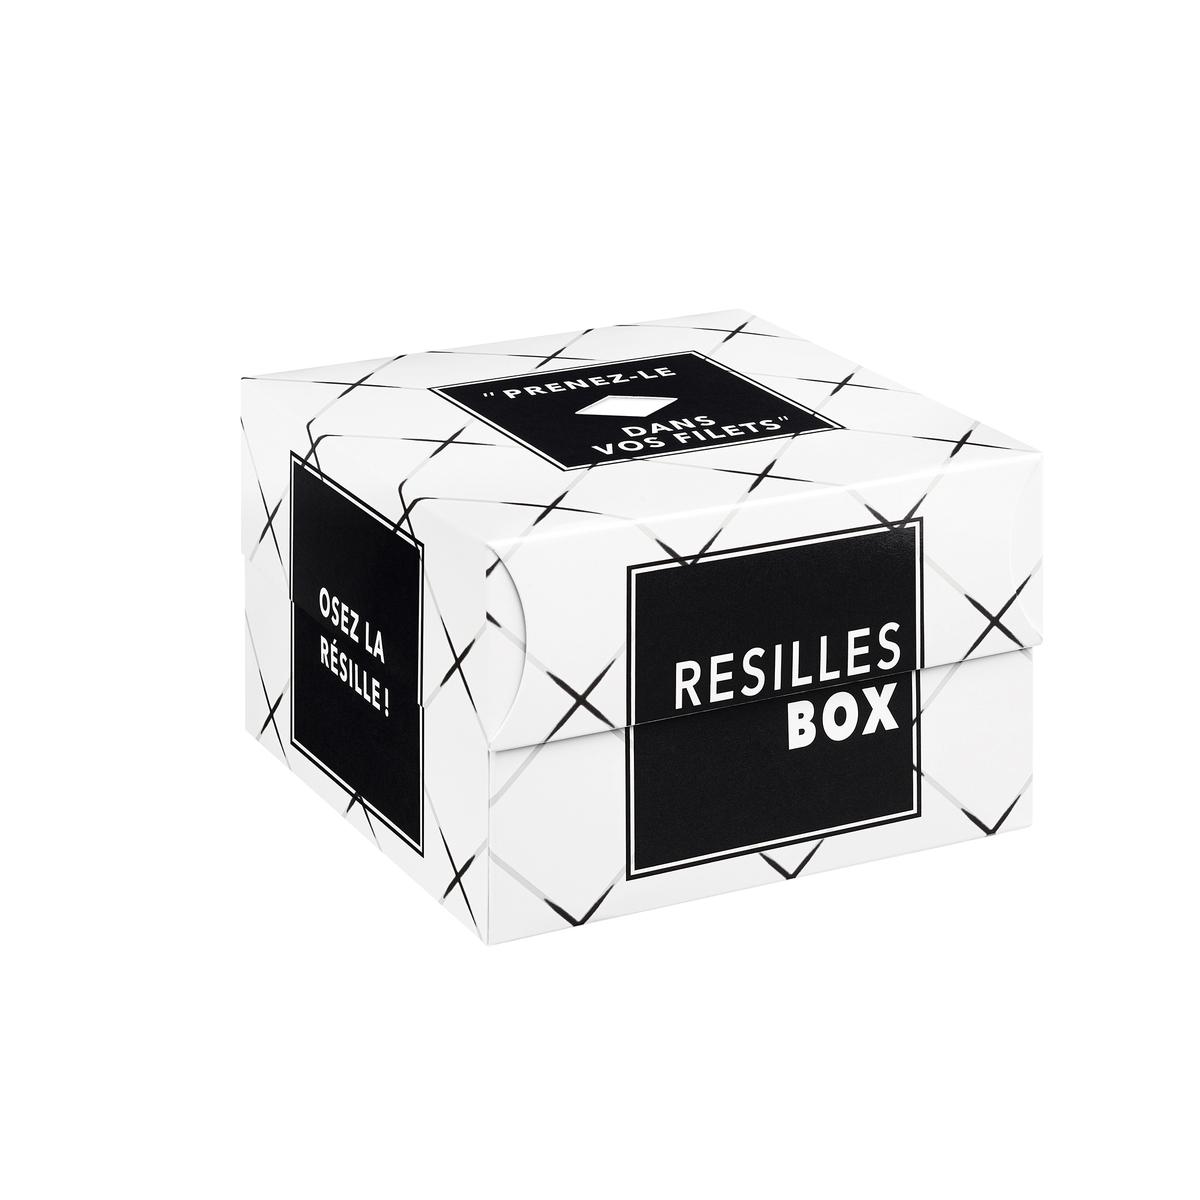 Caixa presente com collants e soquetes em malha de rede